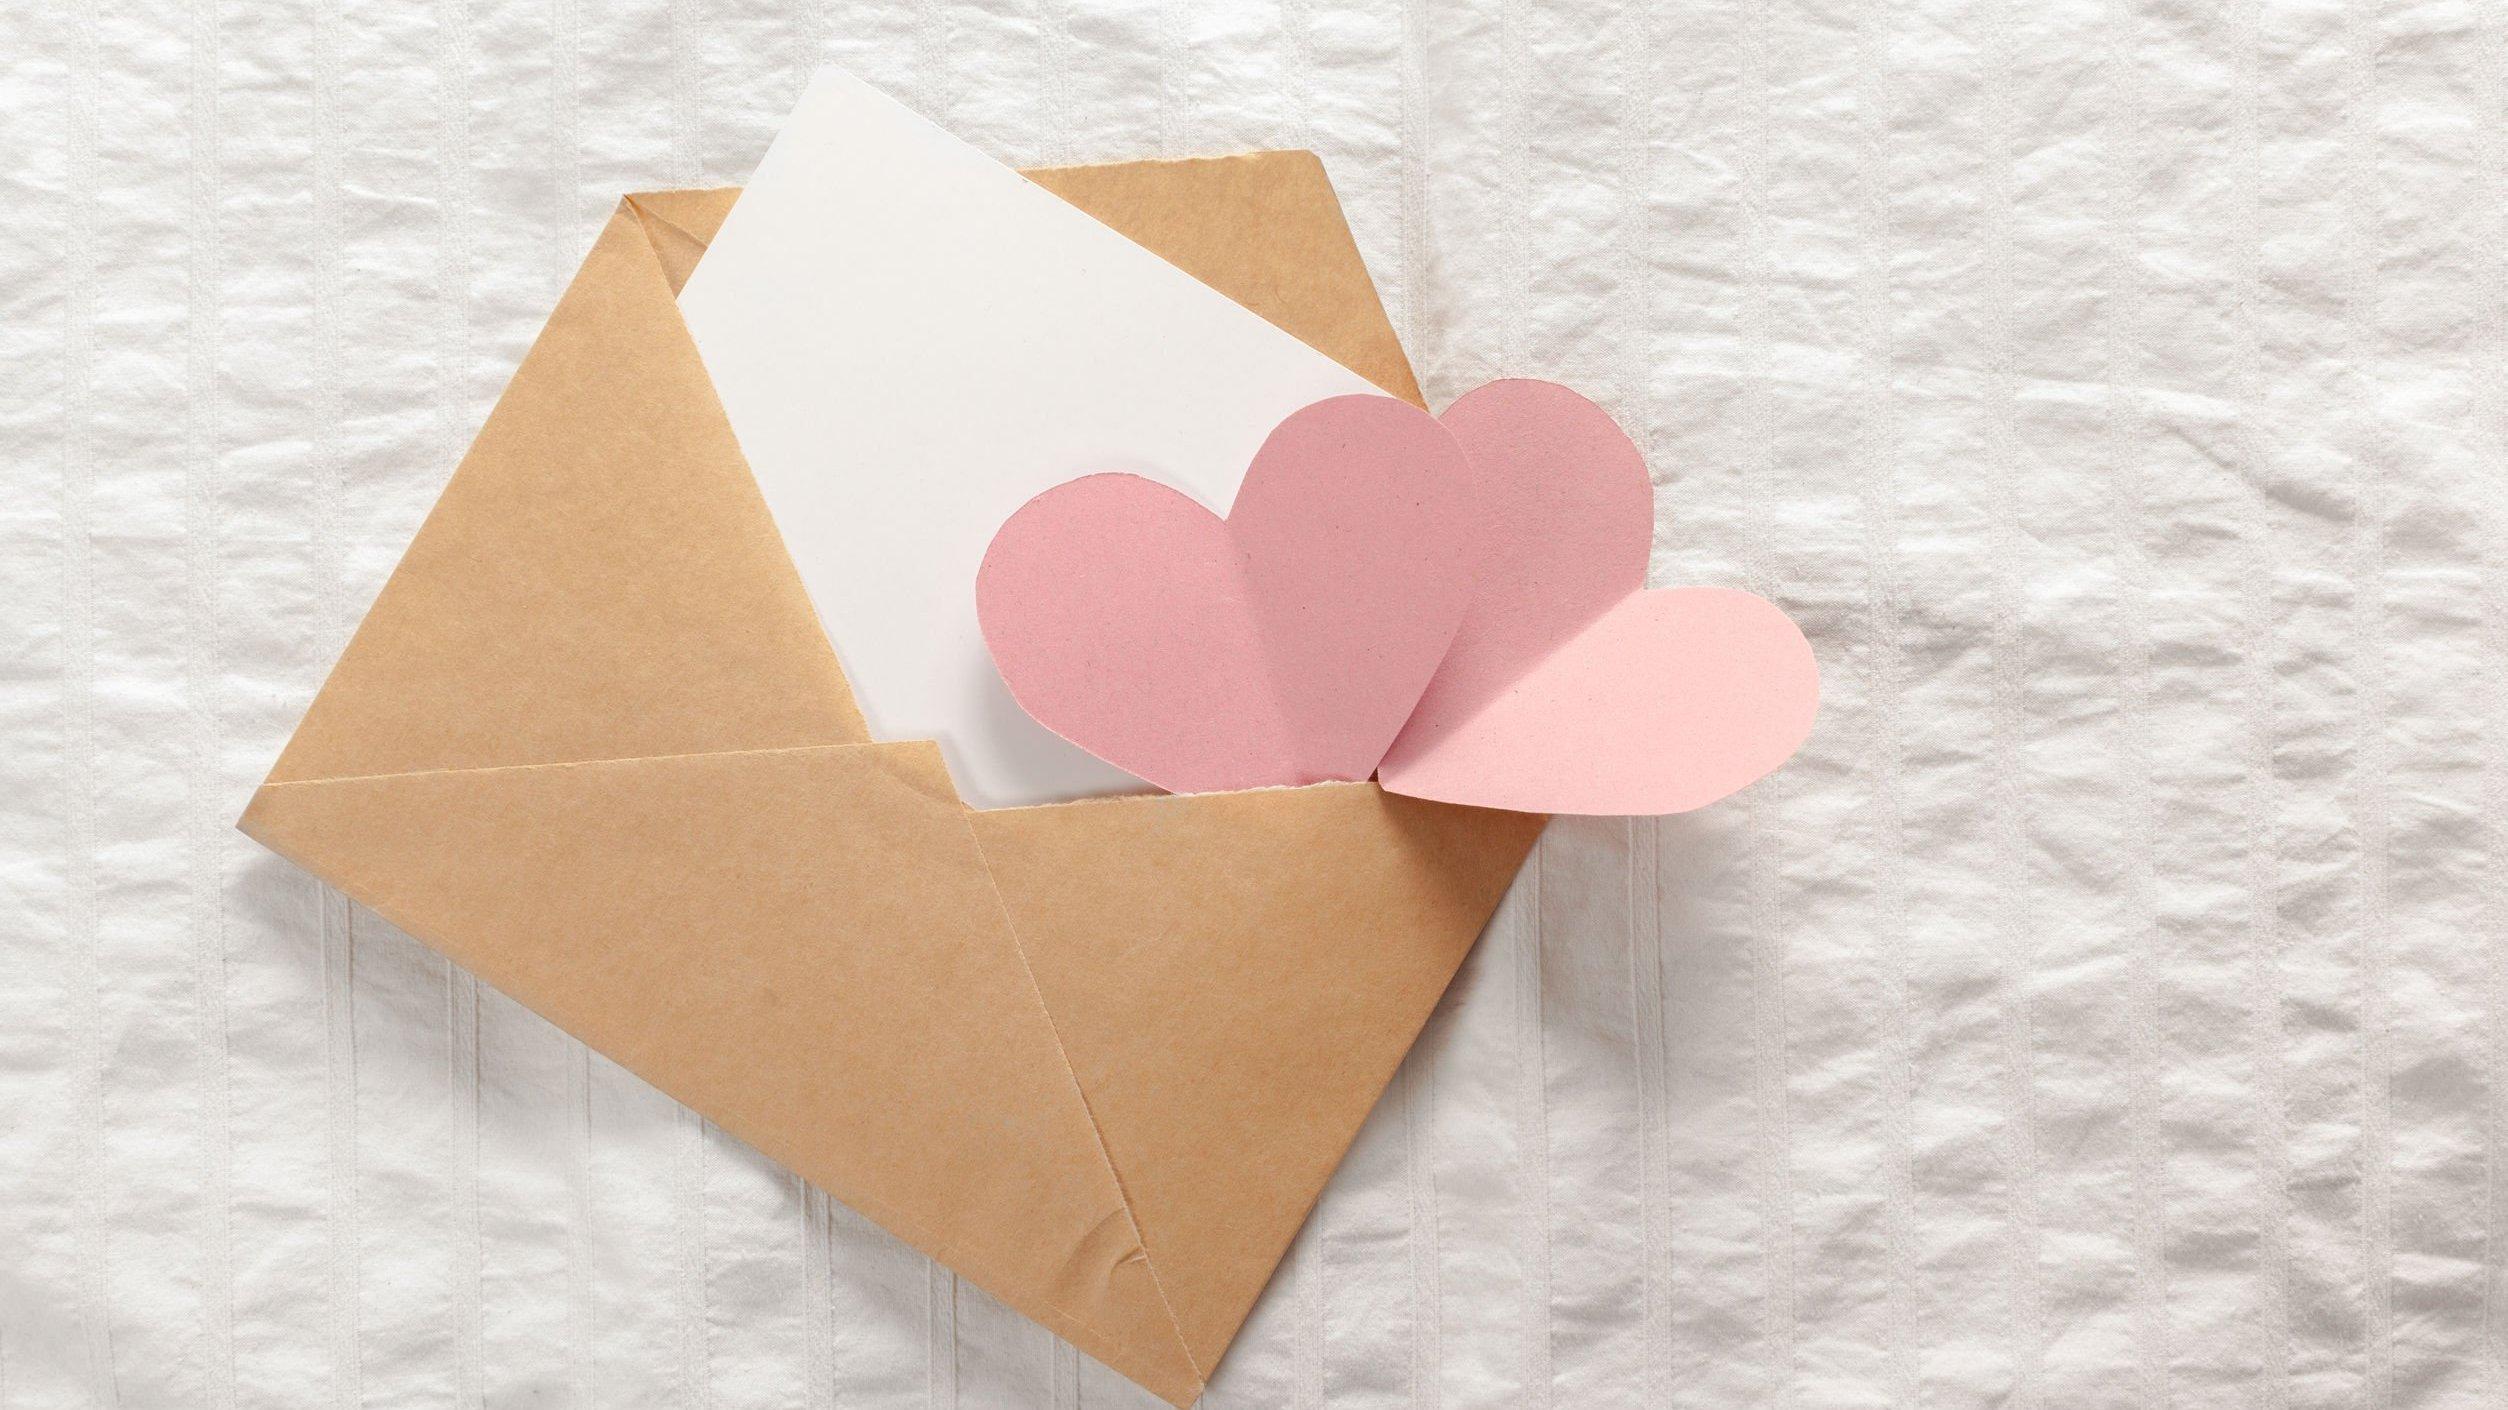 Envelope marrom aberto com carta branca e corações rosa claro saindo de dentro dele.